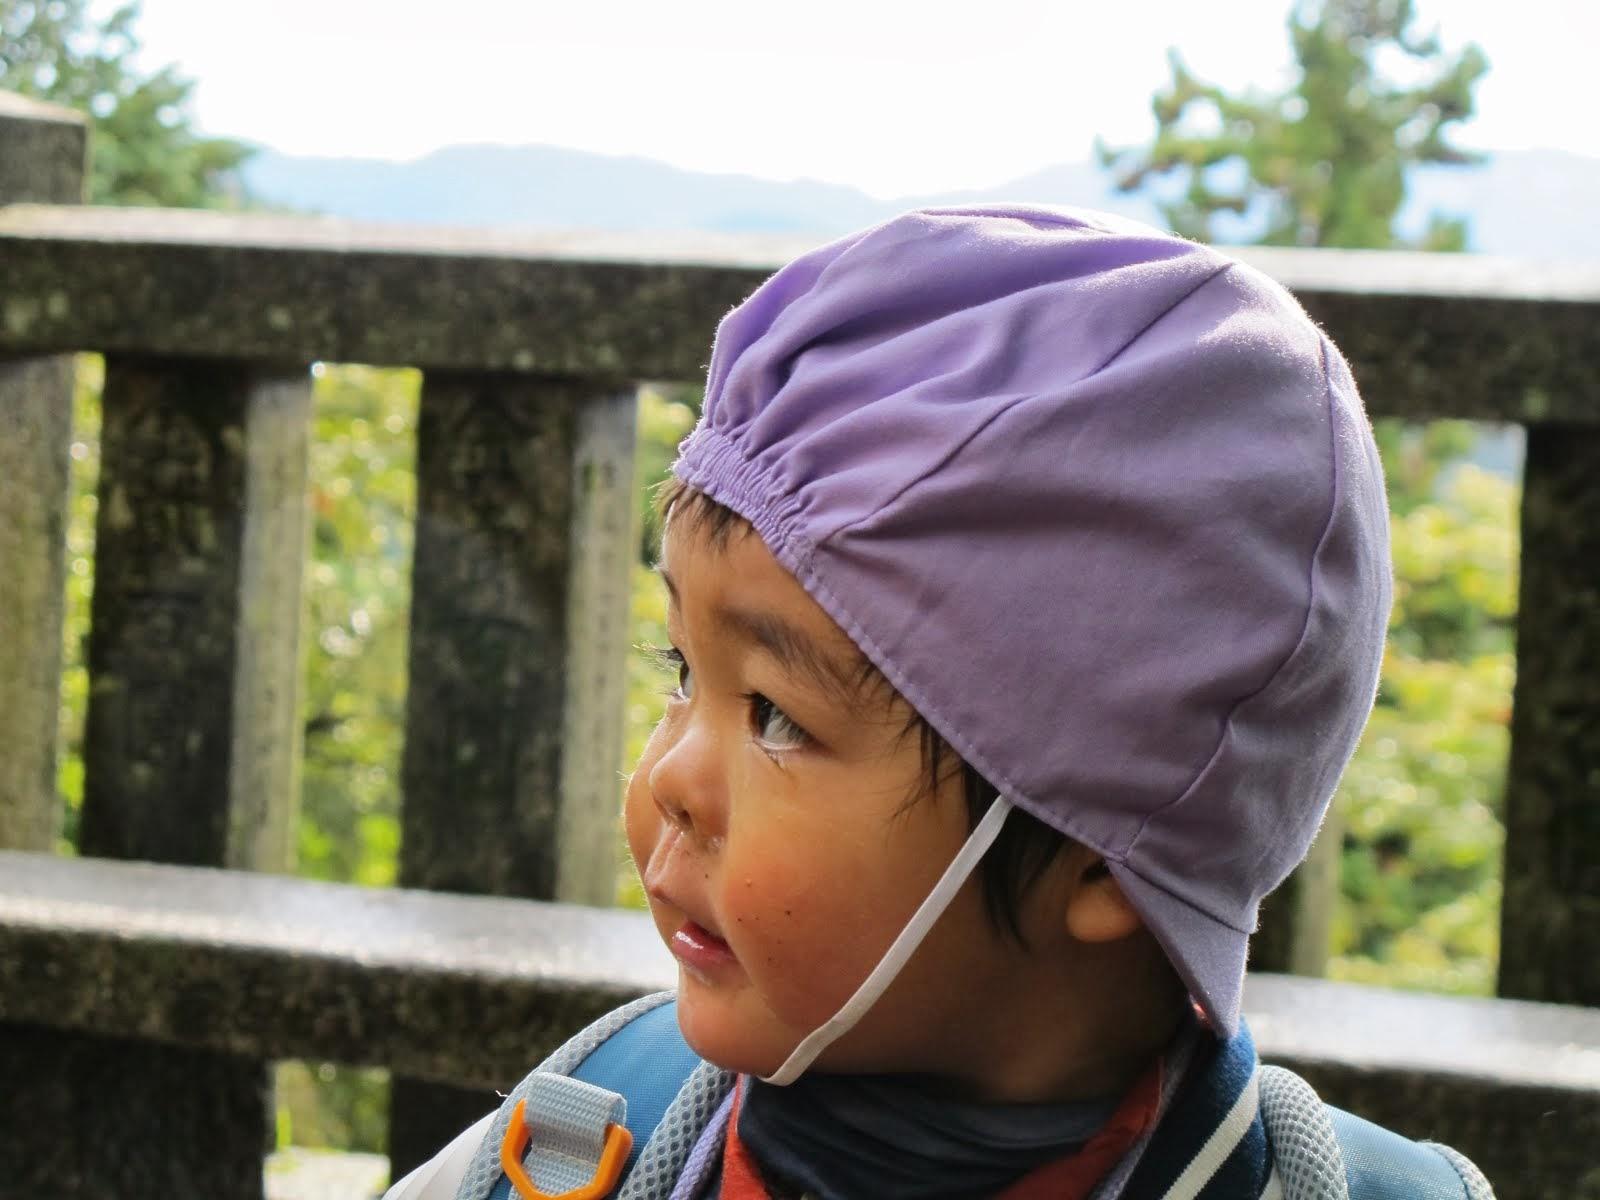 ¿Cómo ayudar a un niño en duelo?